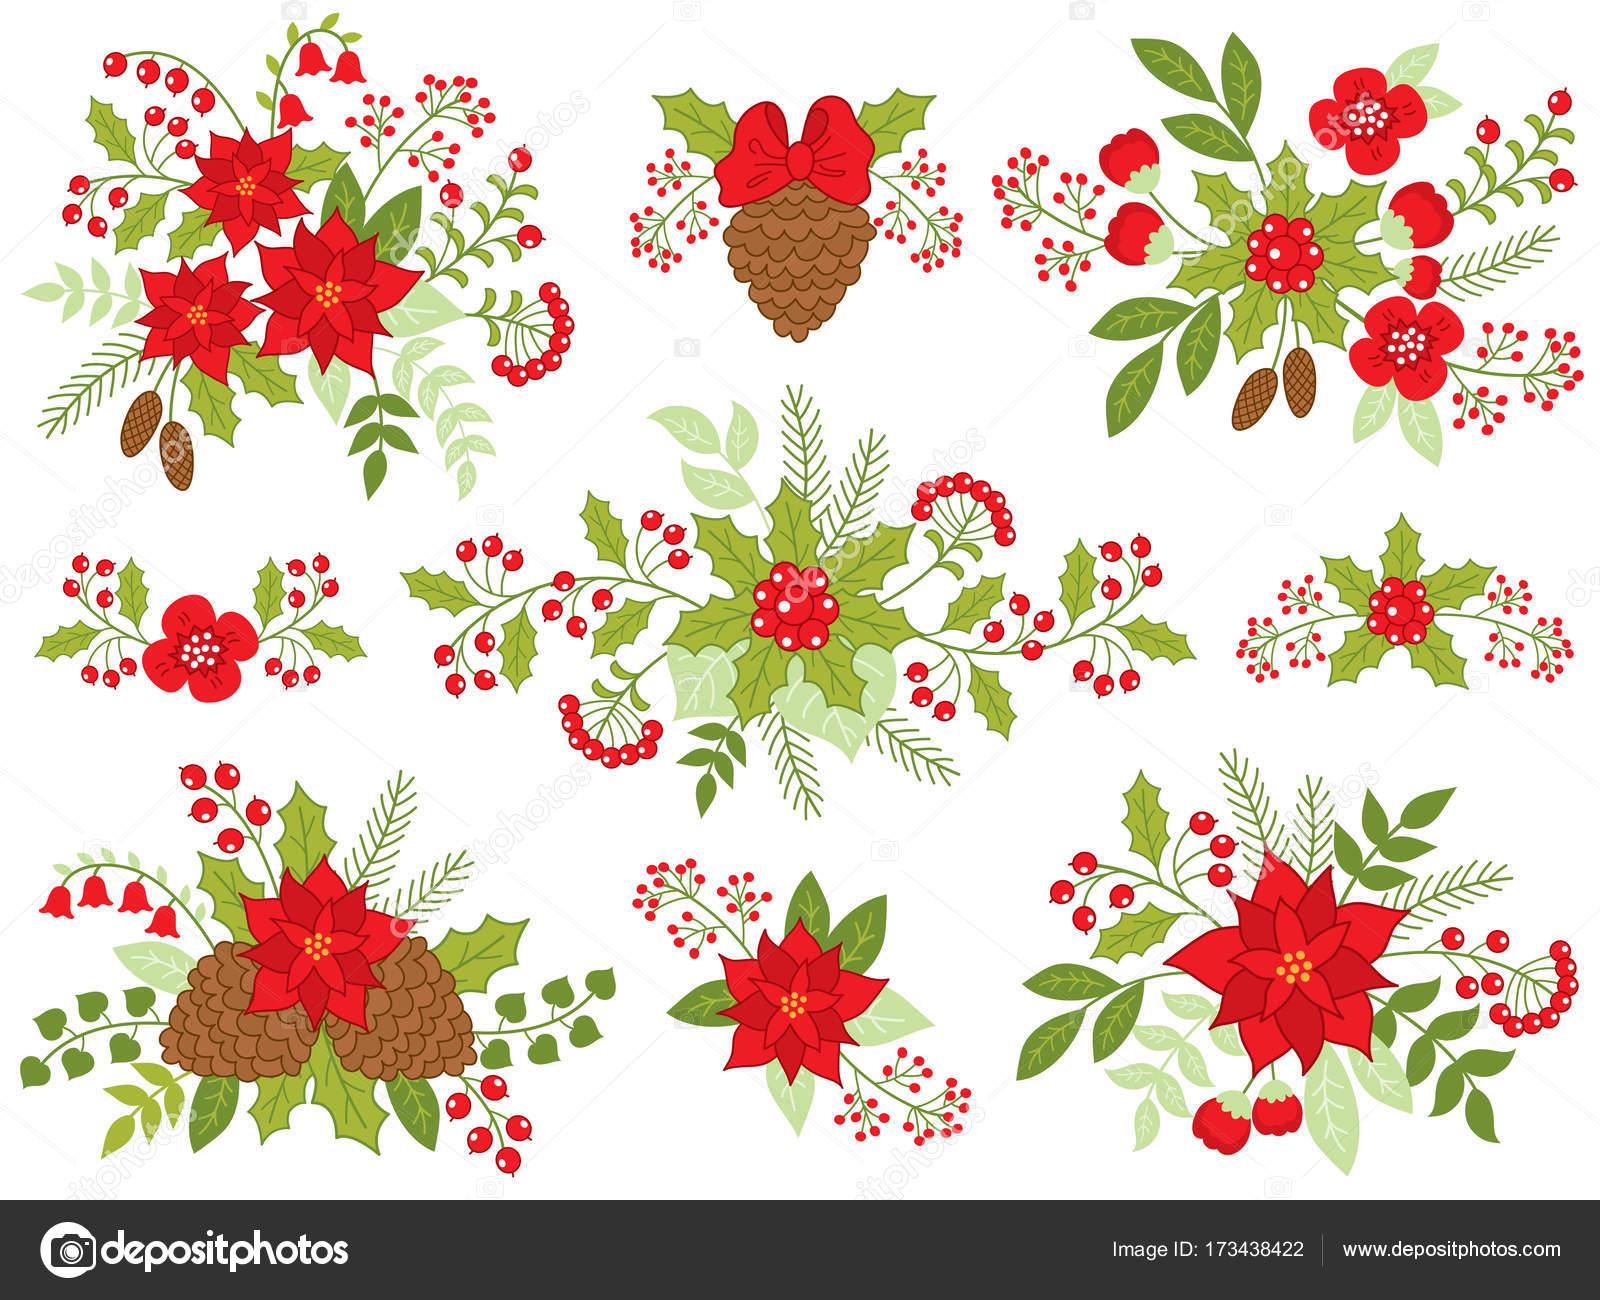 Vektor Weihnachten Blumensträuße mit Weihnachtsstern, Tannenzapfen ...